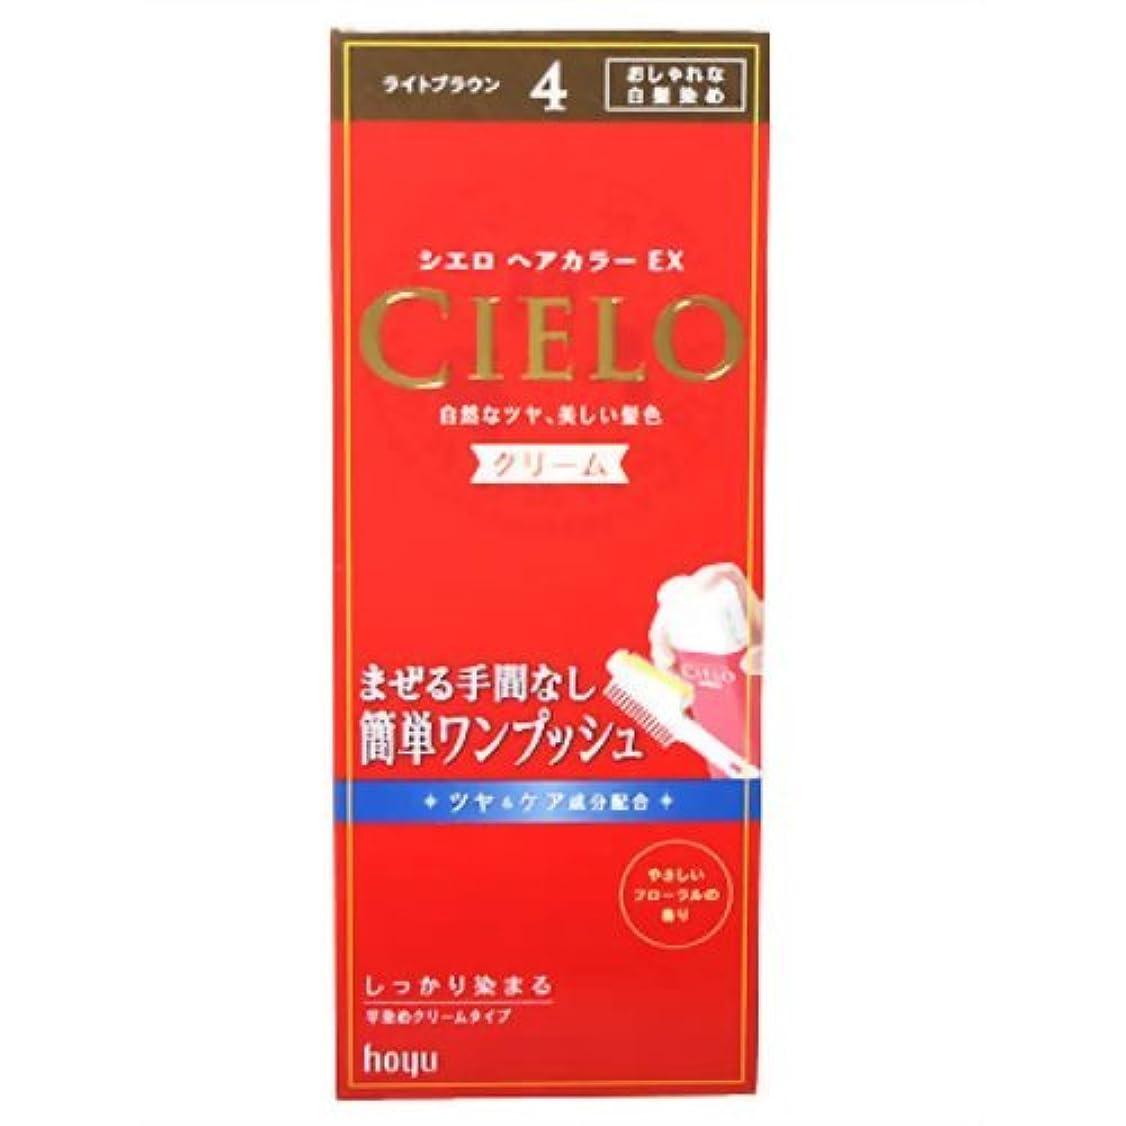 マニアックキノコ麻痺させるシエロ ヘアカラーEX クリーム4 (ライトブラウン)